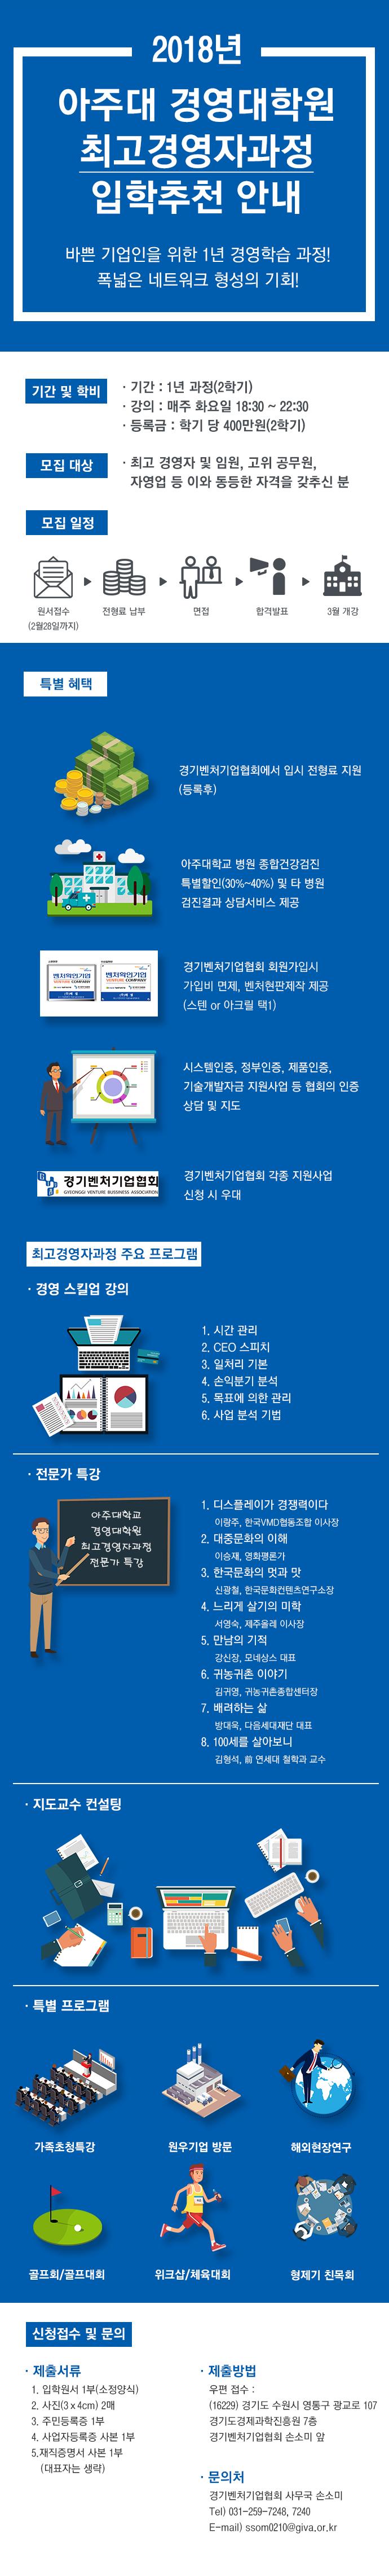 아주대_최고경영자과정_홈페이지(버튼삭제).jpg